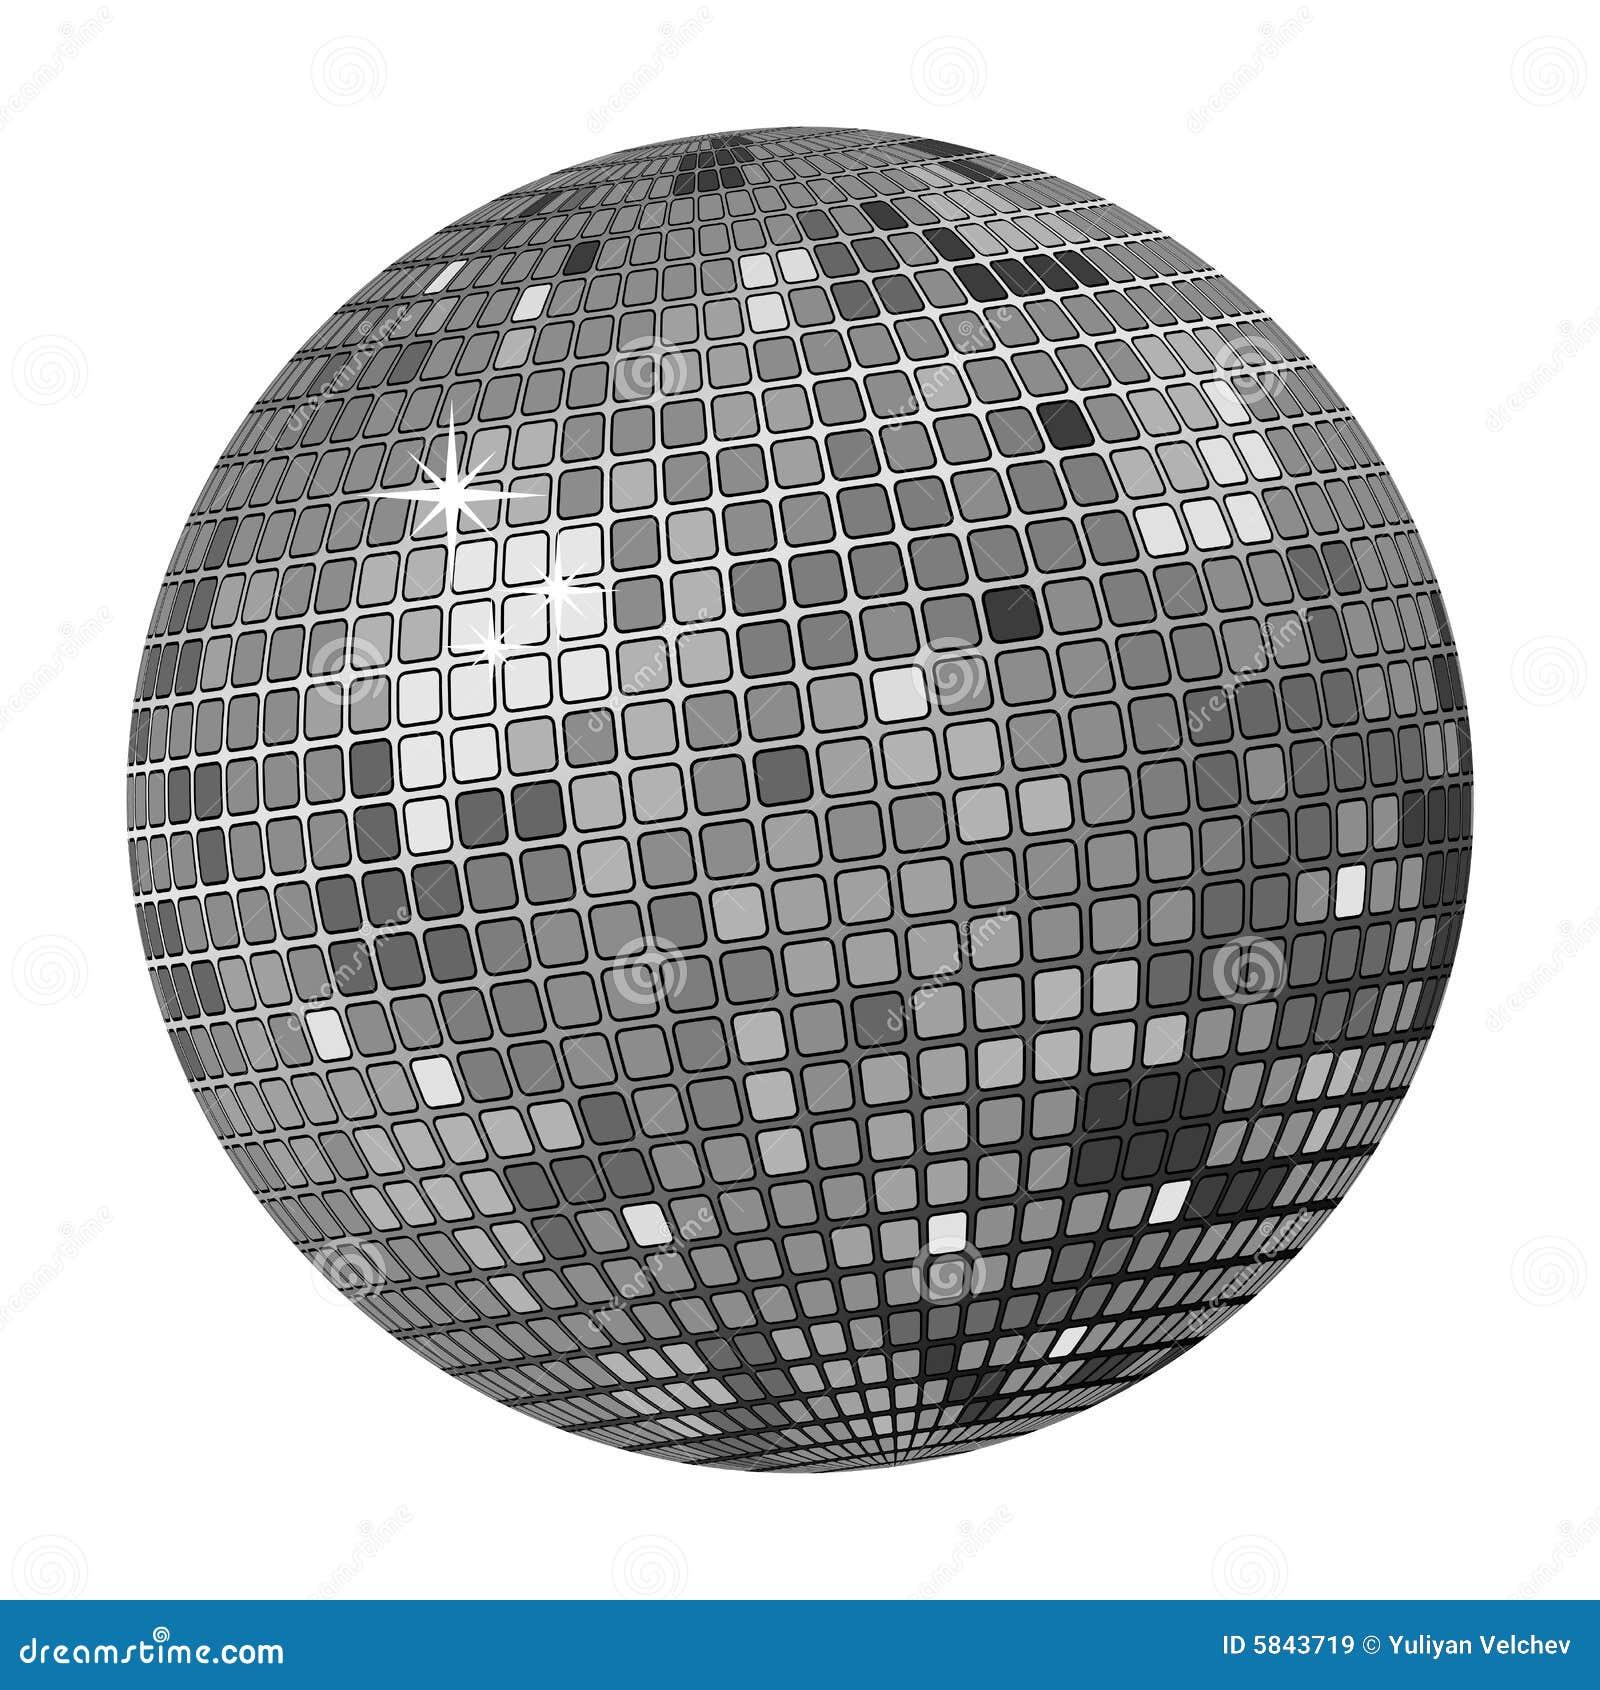 disco ball background white - photo #13